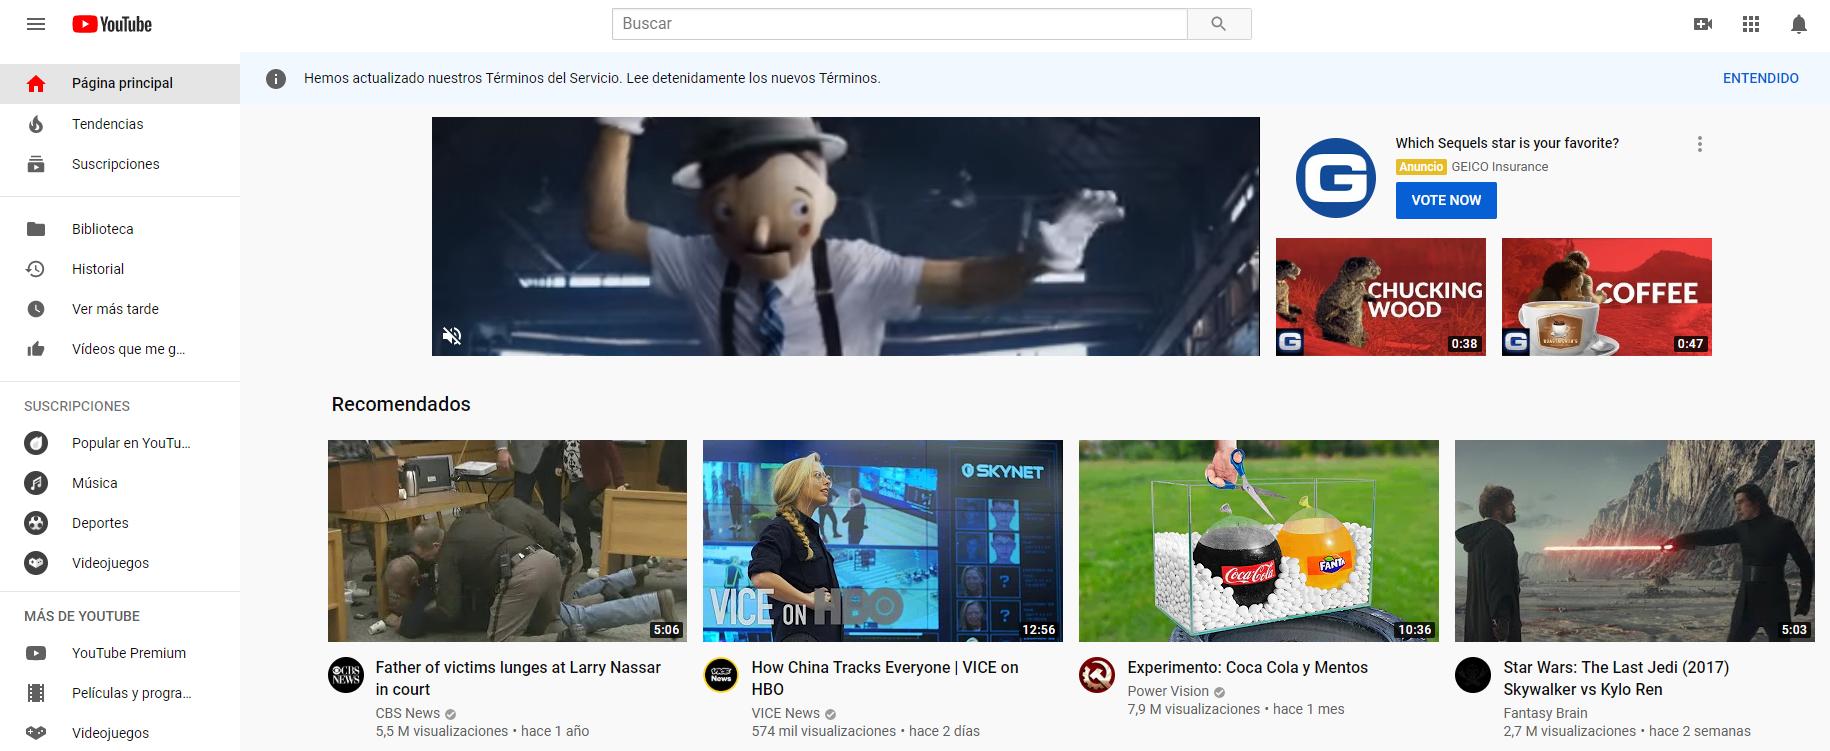 la interfaz de youtube